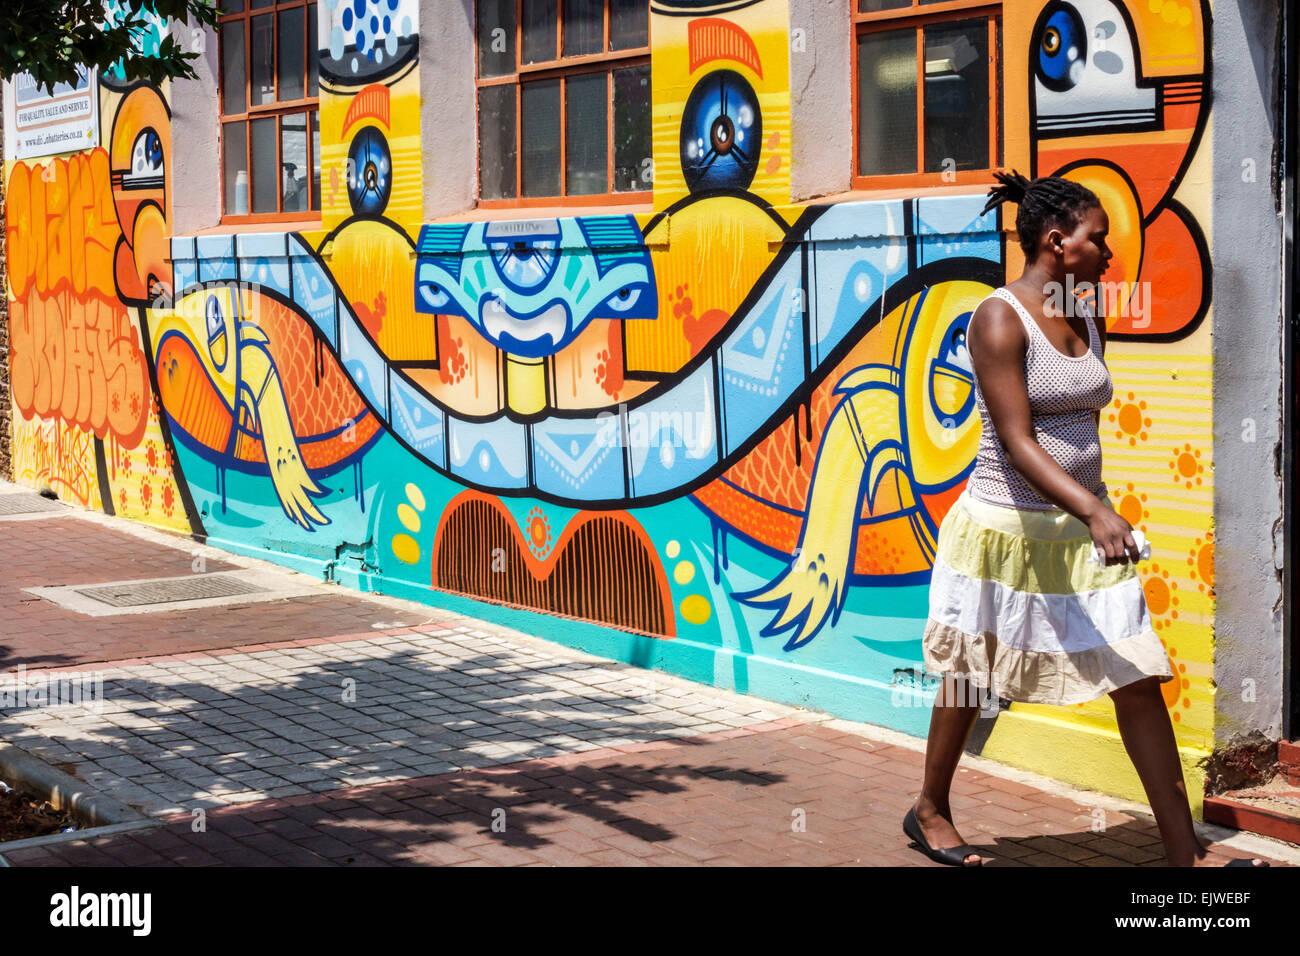 Afrique Afrique du Sud Johannesburg Maboneng District Arts on Main Street quartier urbain Commissaire embourgeoisés Photo Stock